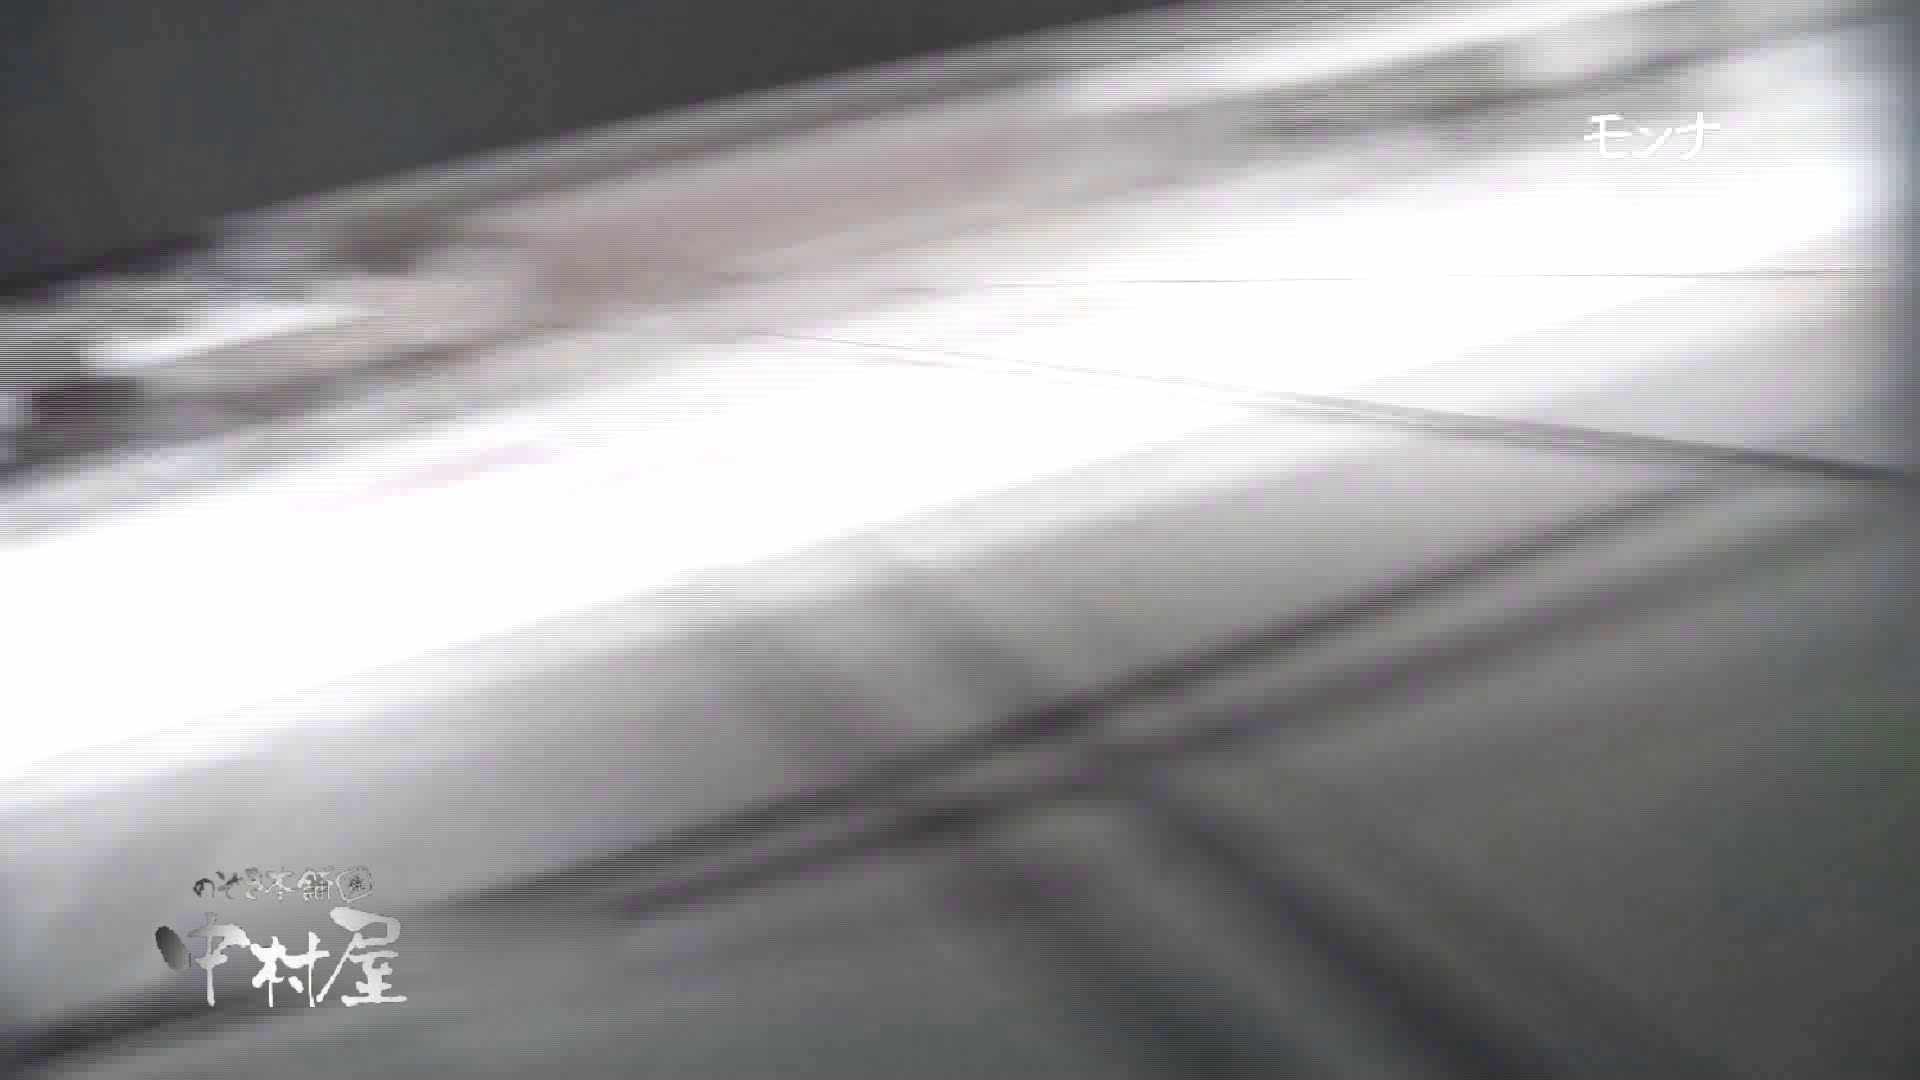 無修正エロ動画 【美しい日本の未来】新学期!!下半身中心に攻めてます美女可愛い女子悪戯盗satuトイレ前編 のぞき本舗 中村屋